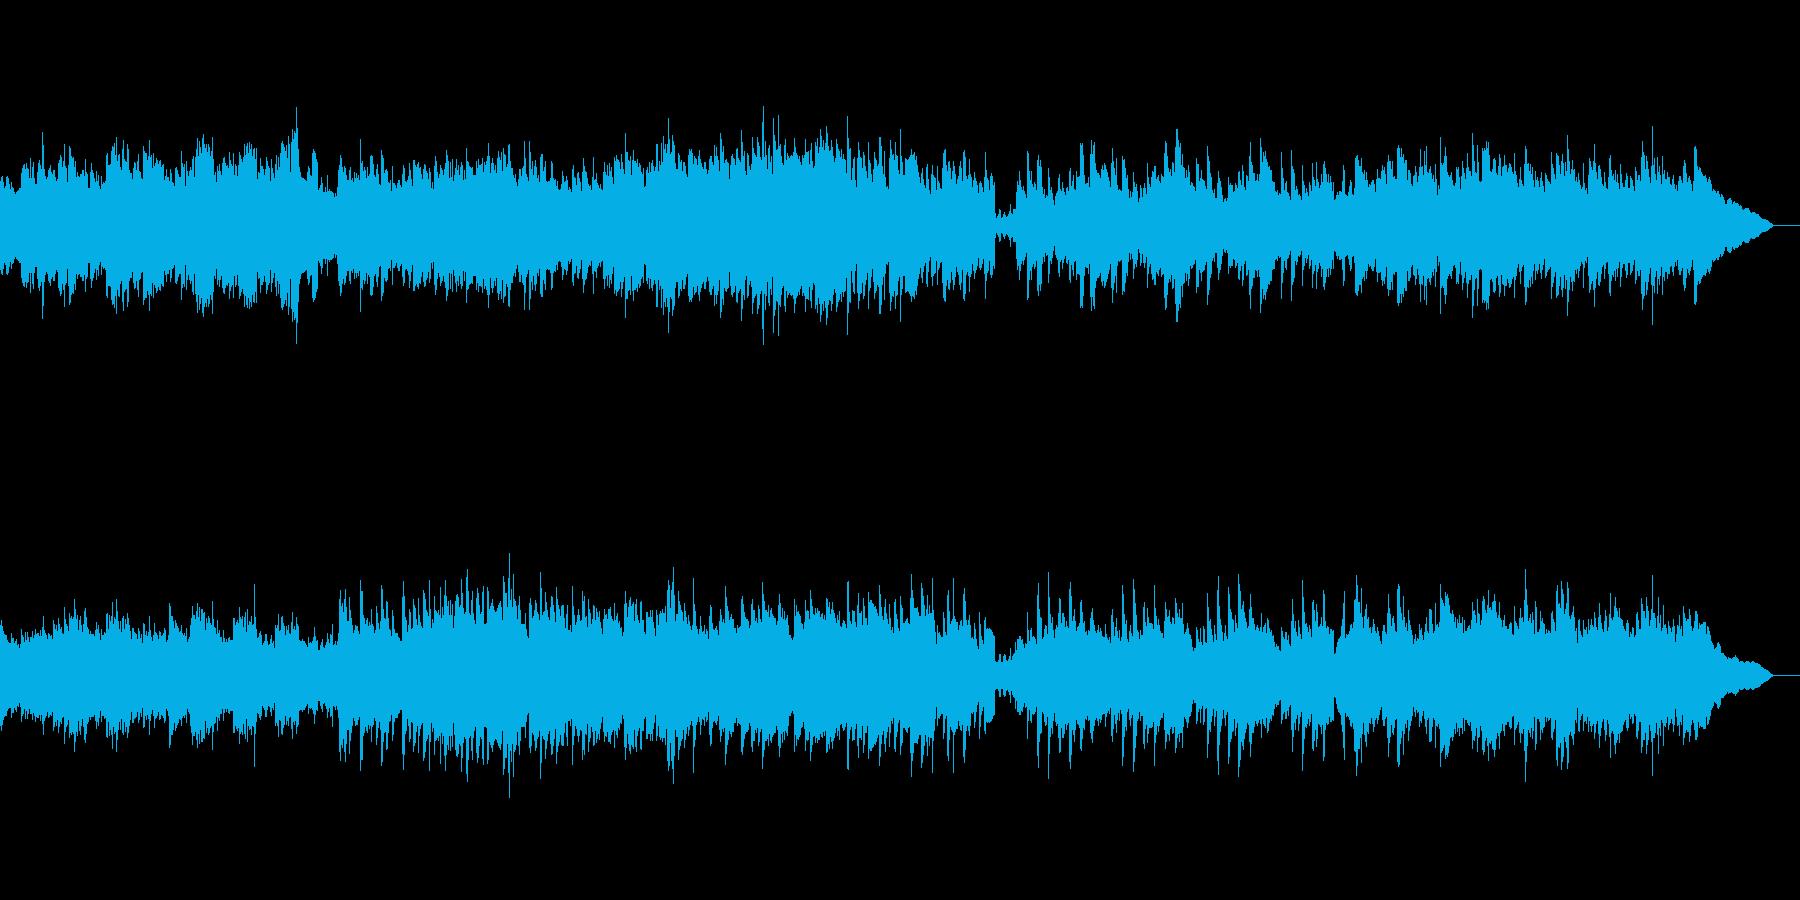 【1分版】優しい雰囲気のピアノ曲の再生済みの波形